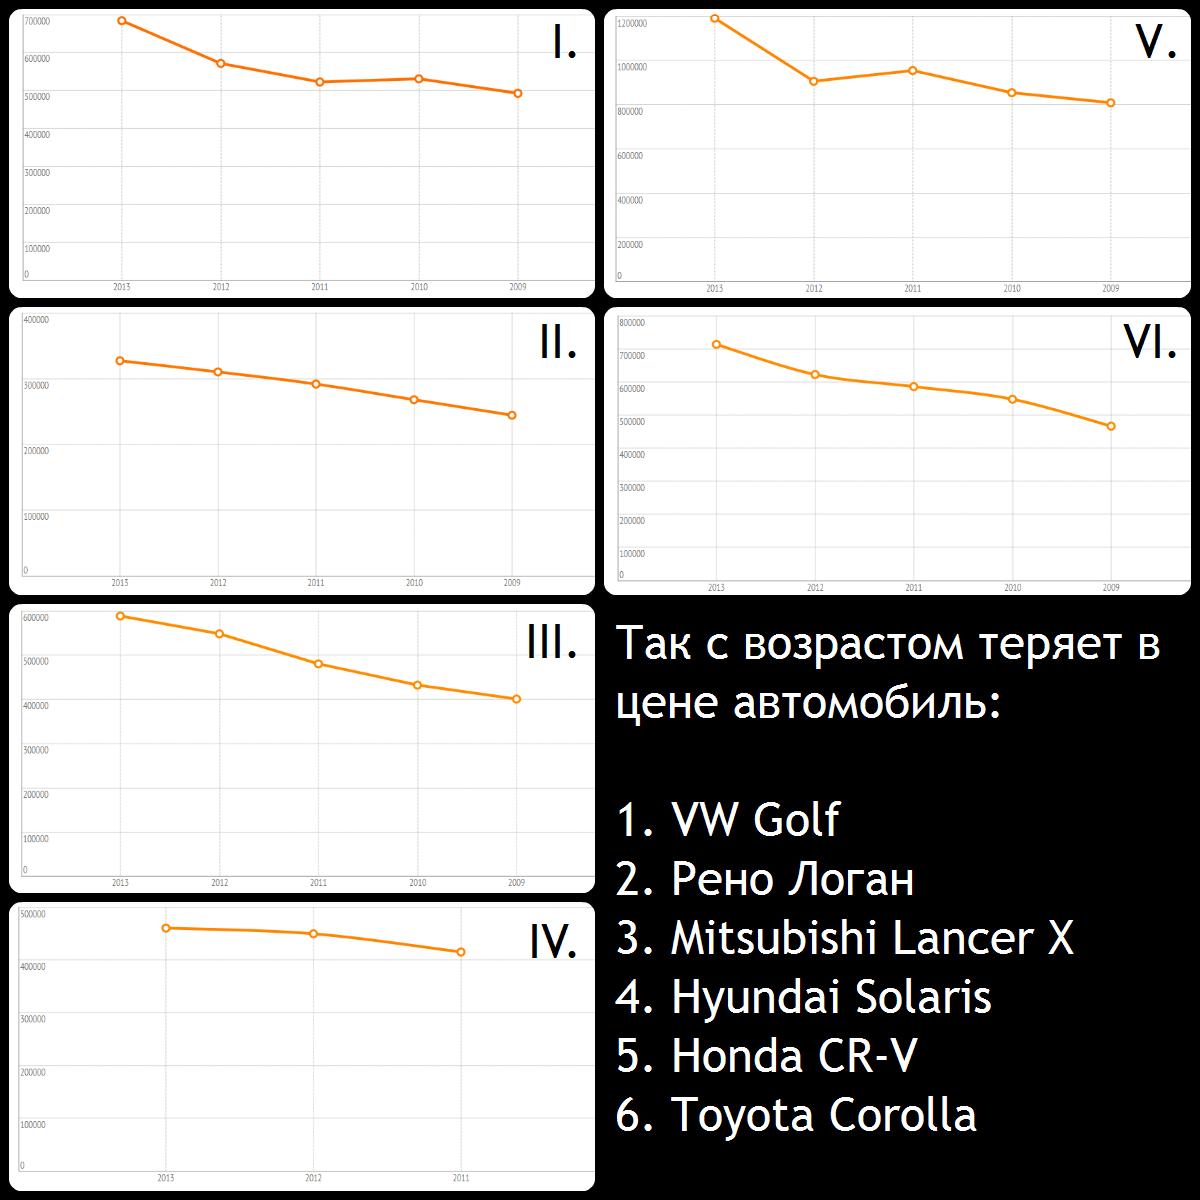 Модели авто, которые в России за 5 лет дешевеют менее, чем на треть